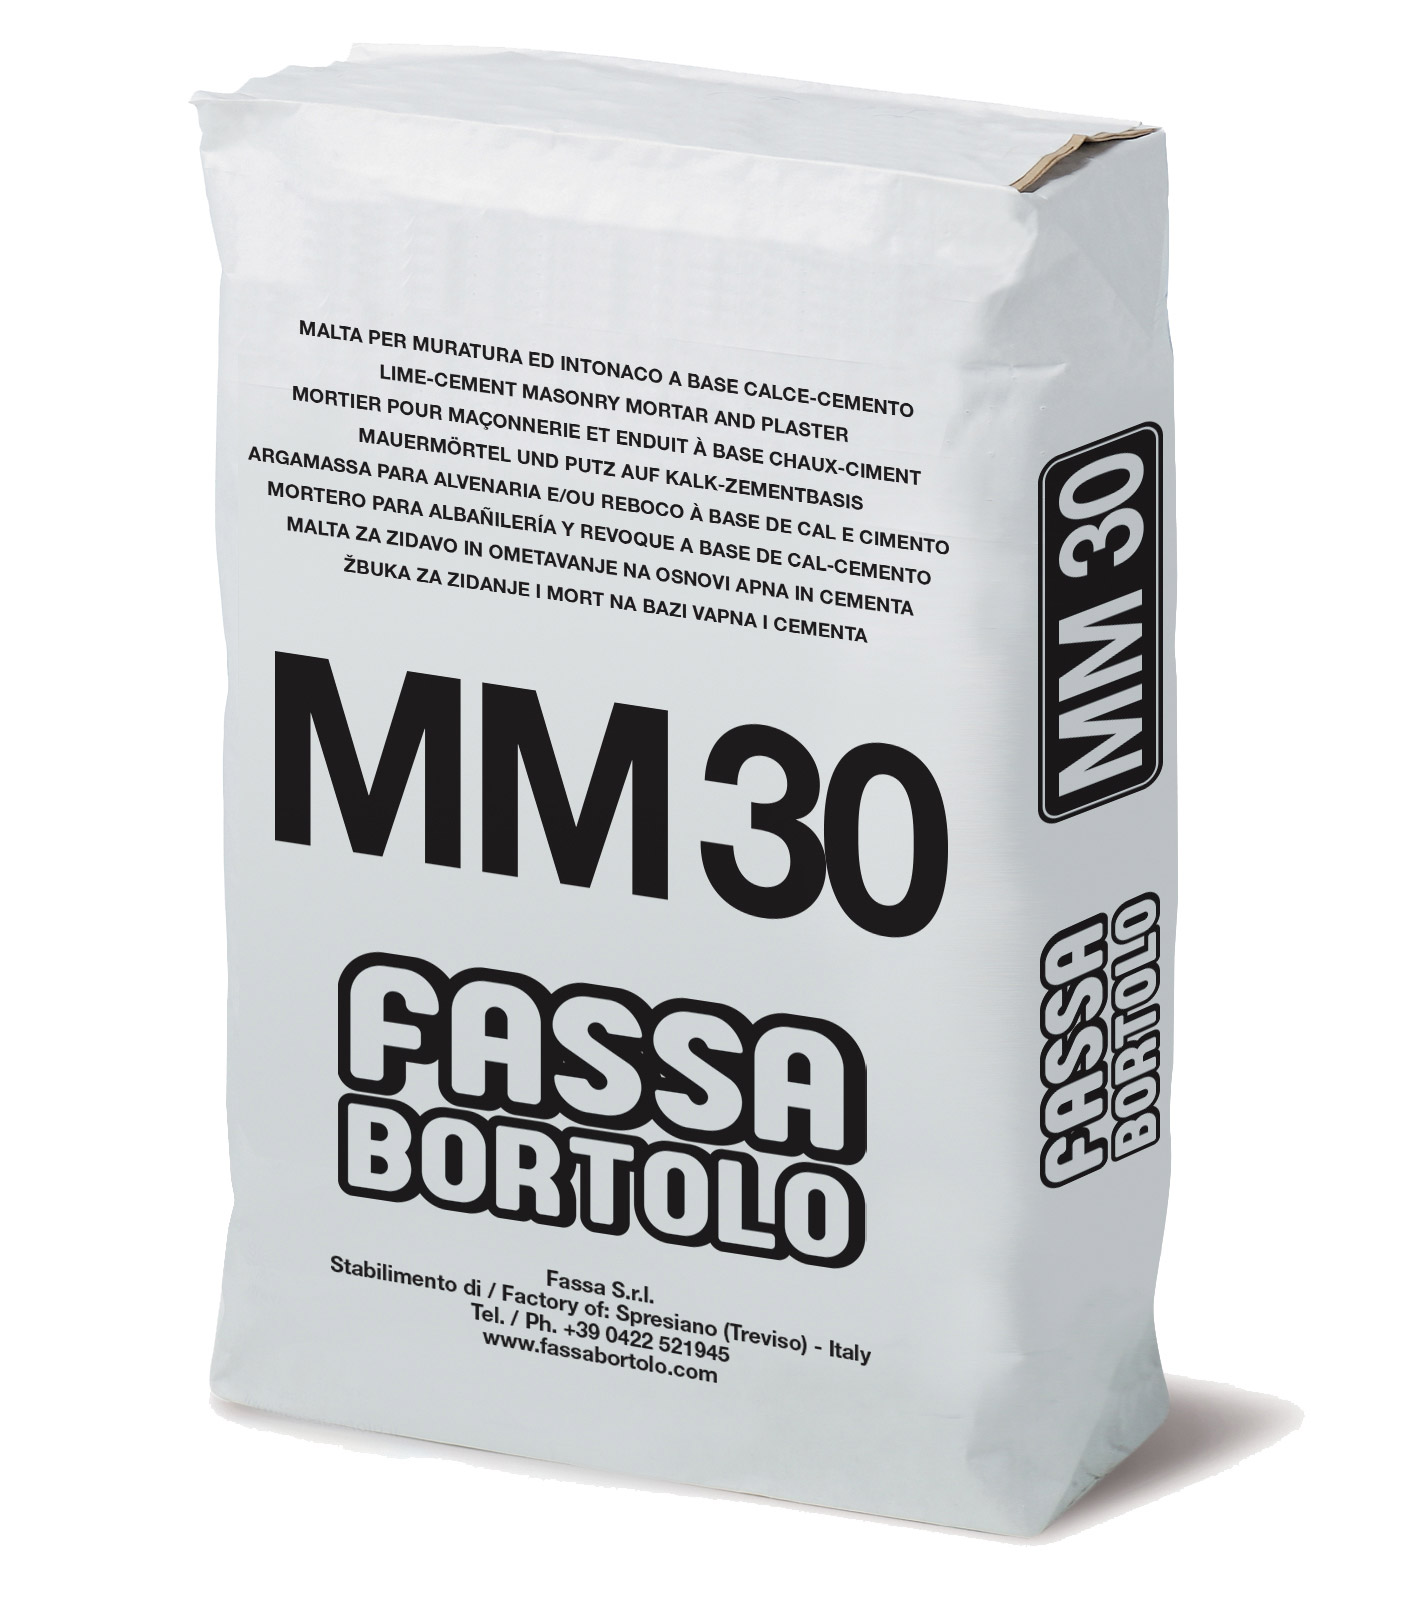 MM 30: Malta cementizia per muratura